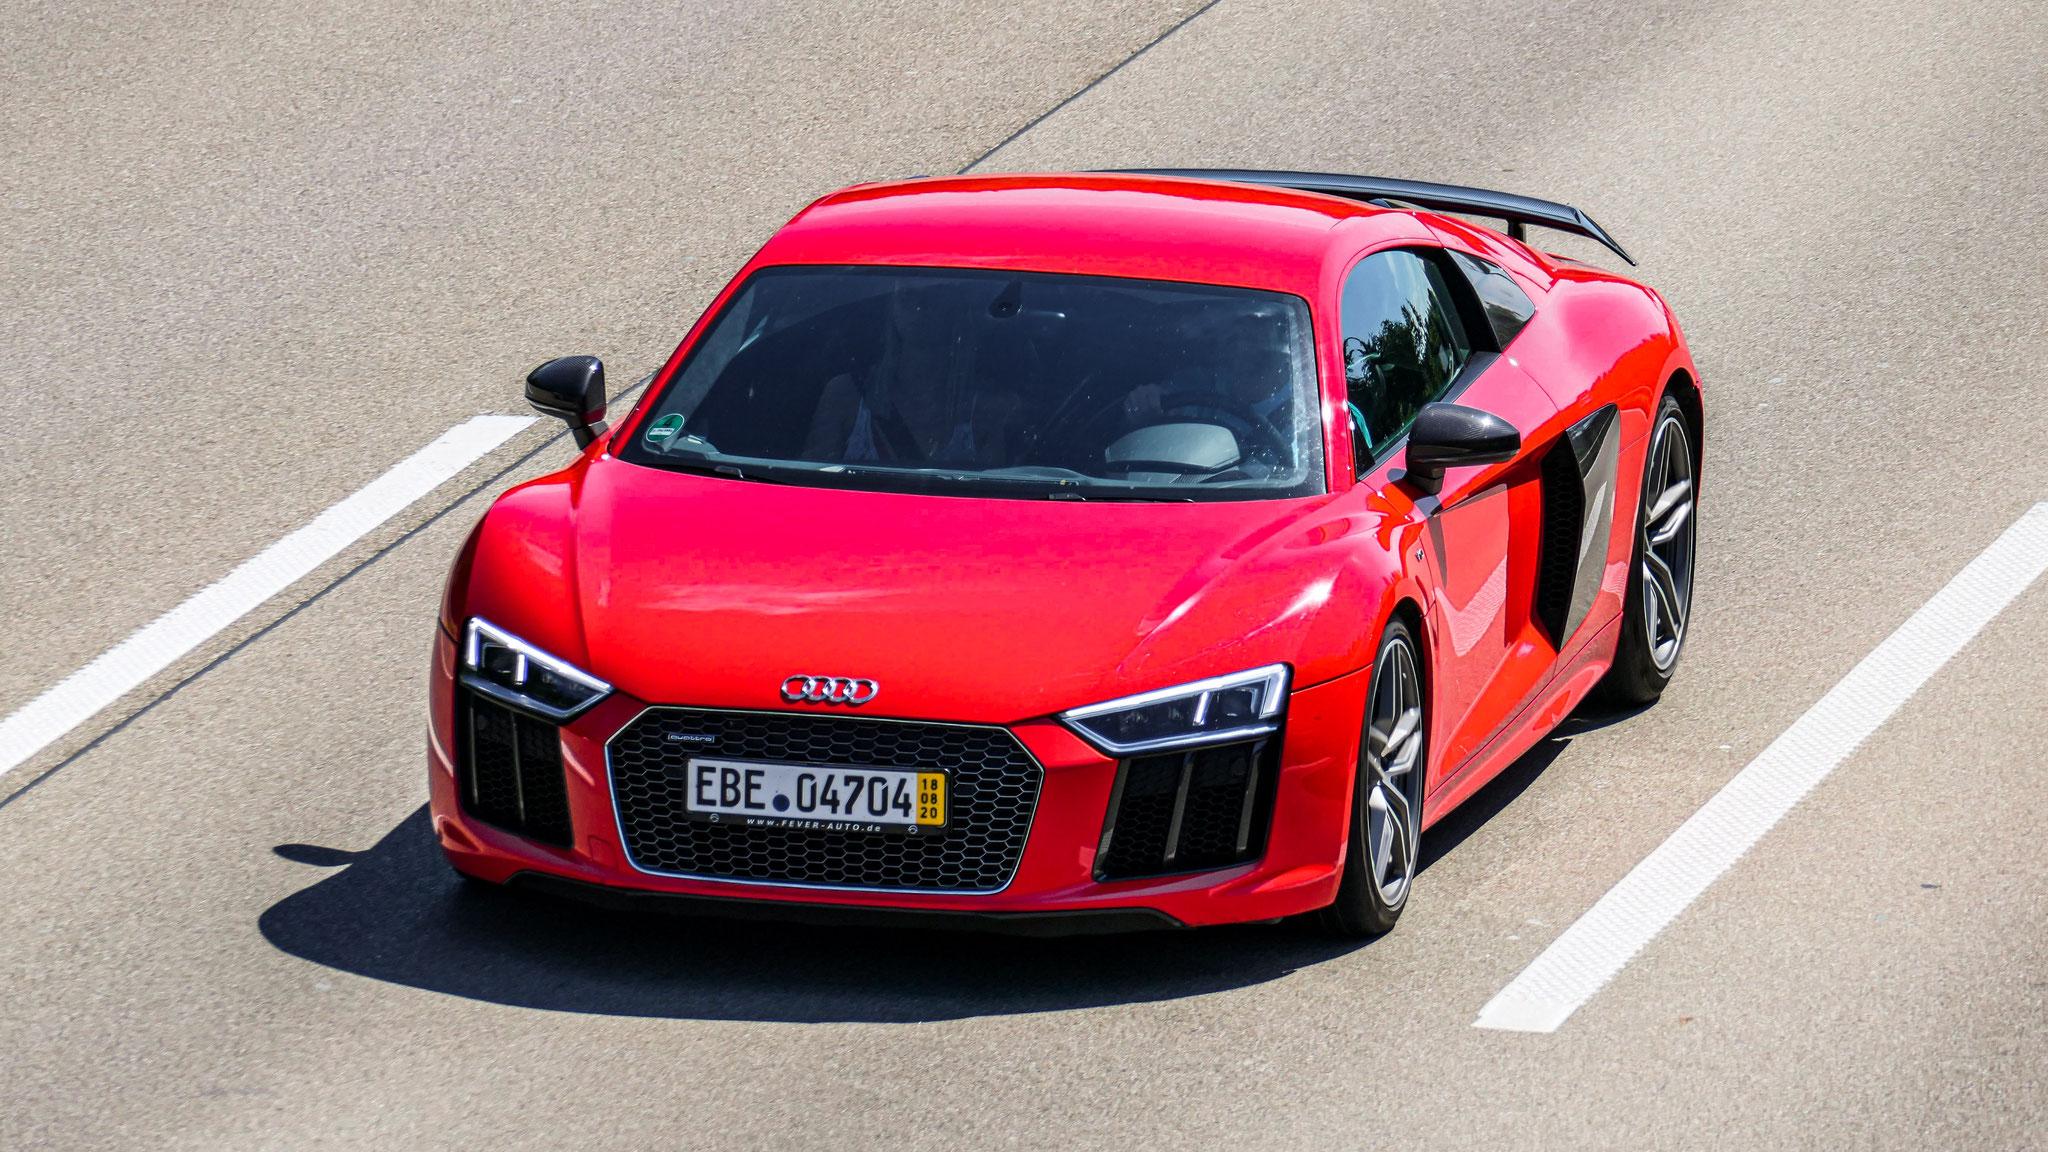 Audi R8 V10 - EBE-04704